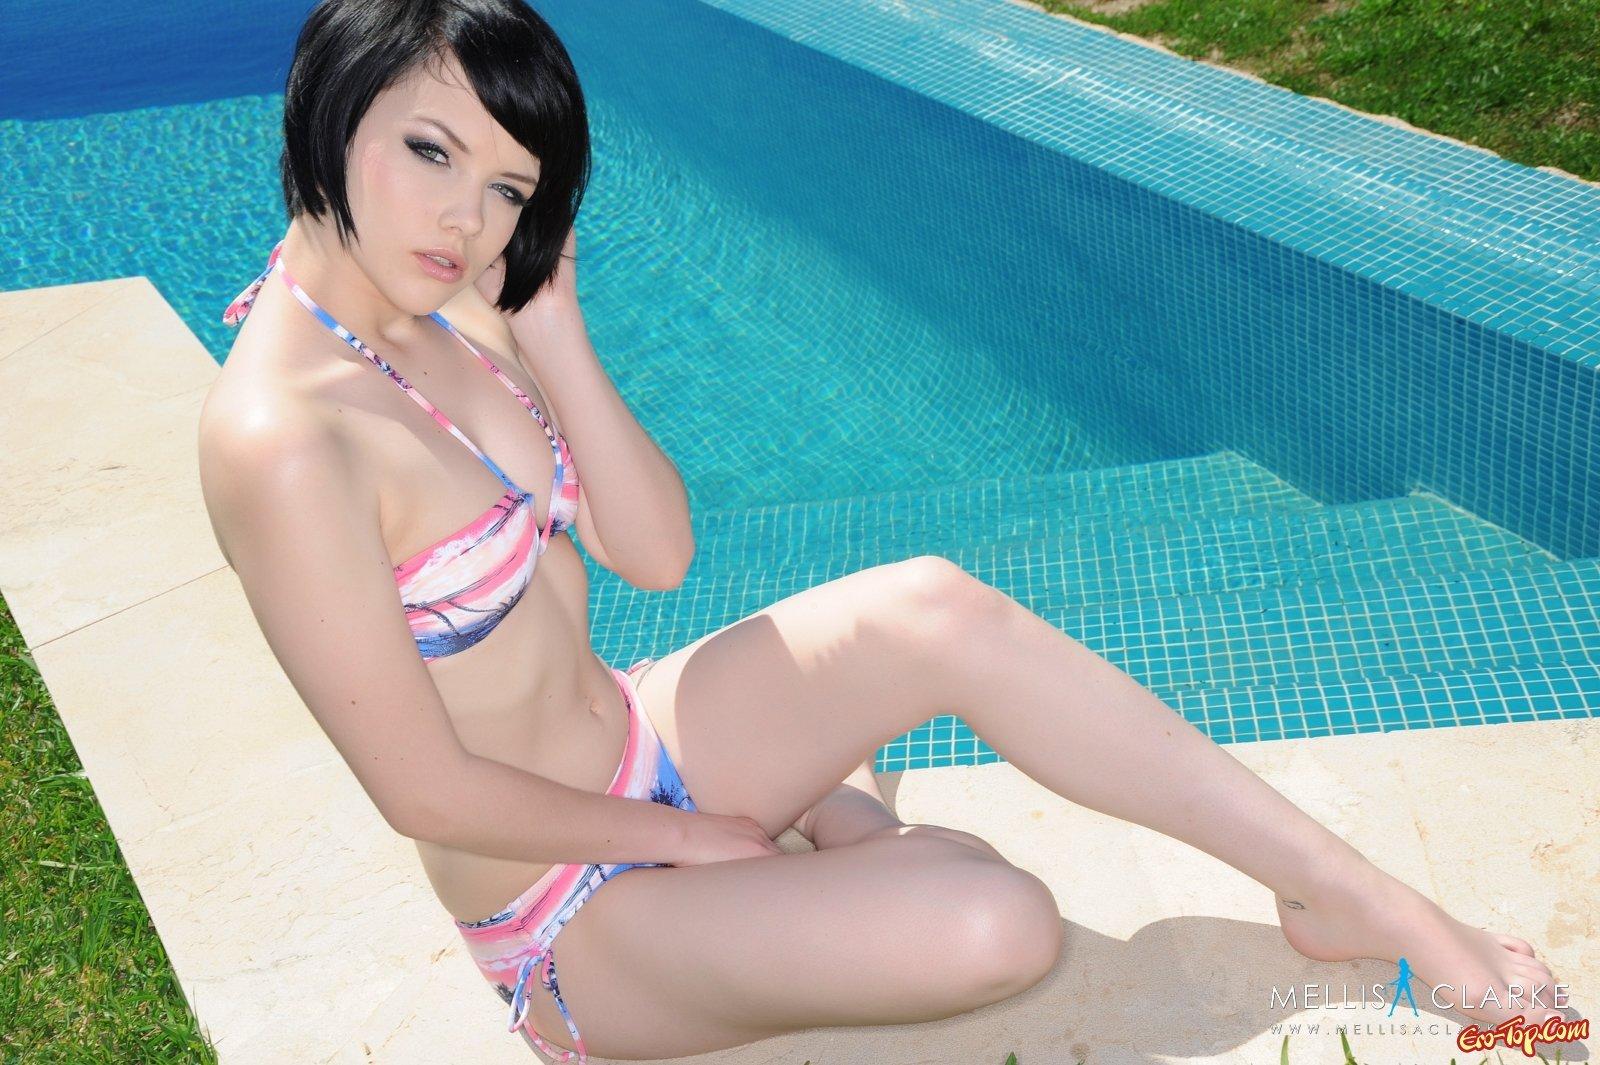 Меллиса Кларк у бассейна смотреть эротику